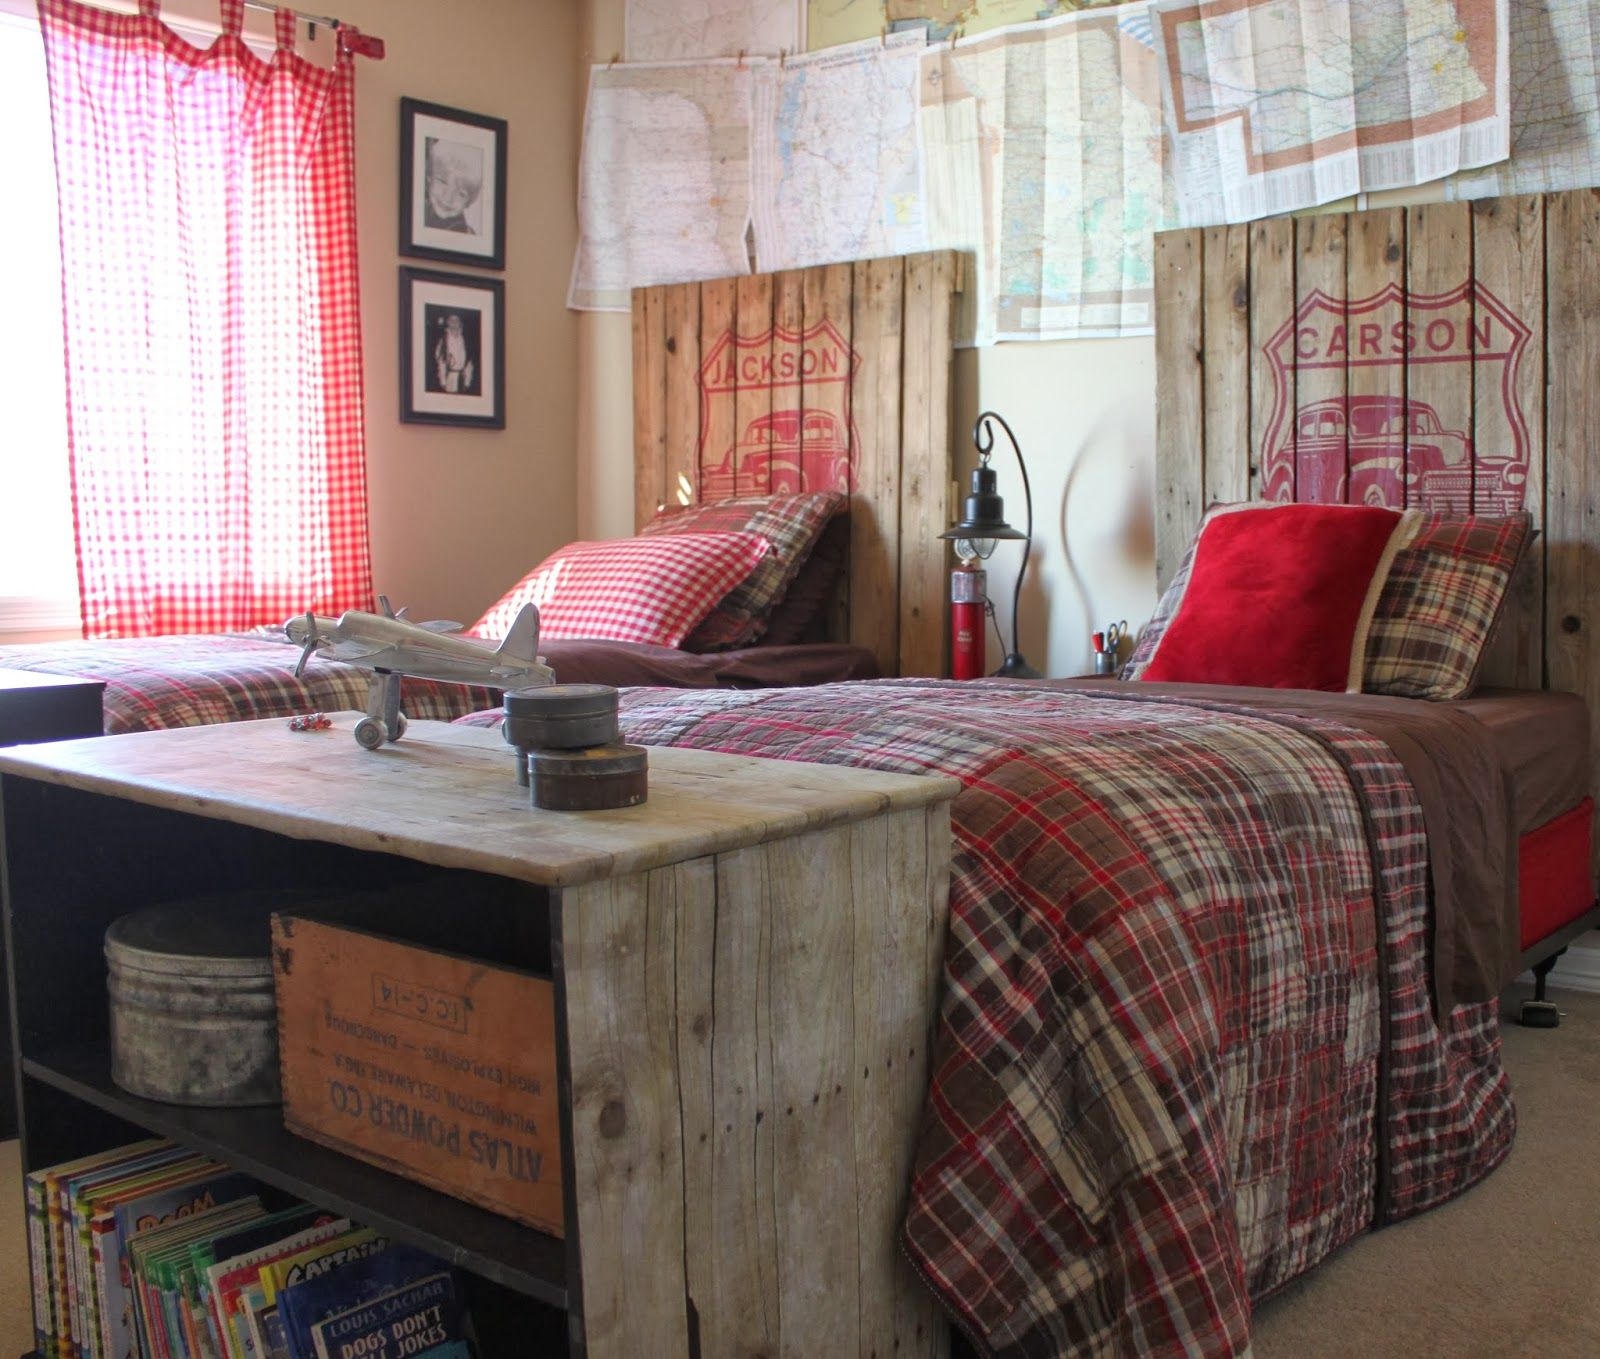 Una habitación de chicos de los mas vintage. En Unik podemos ayudarte a decorar en estilo vintage.